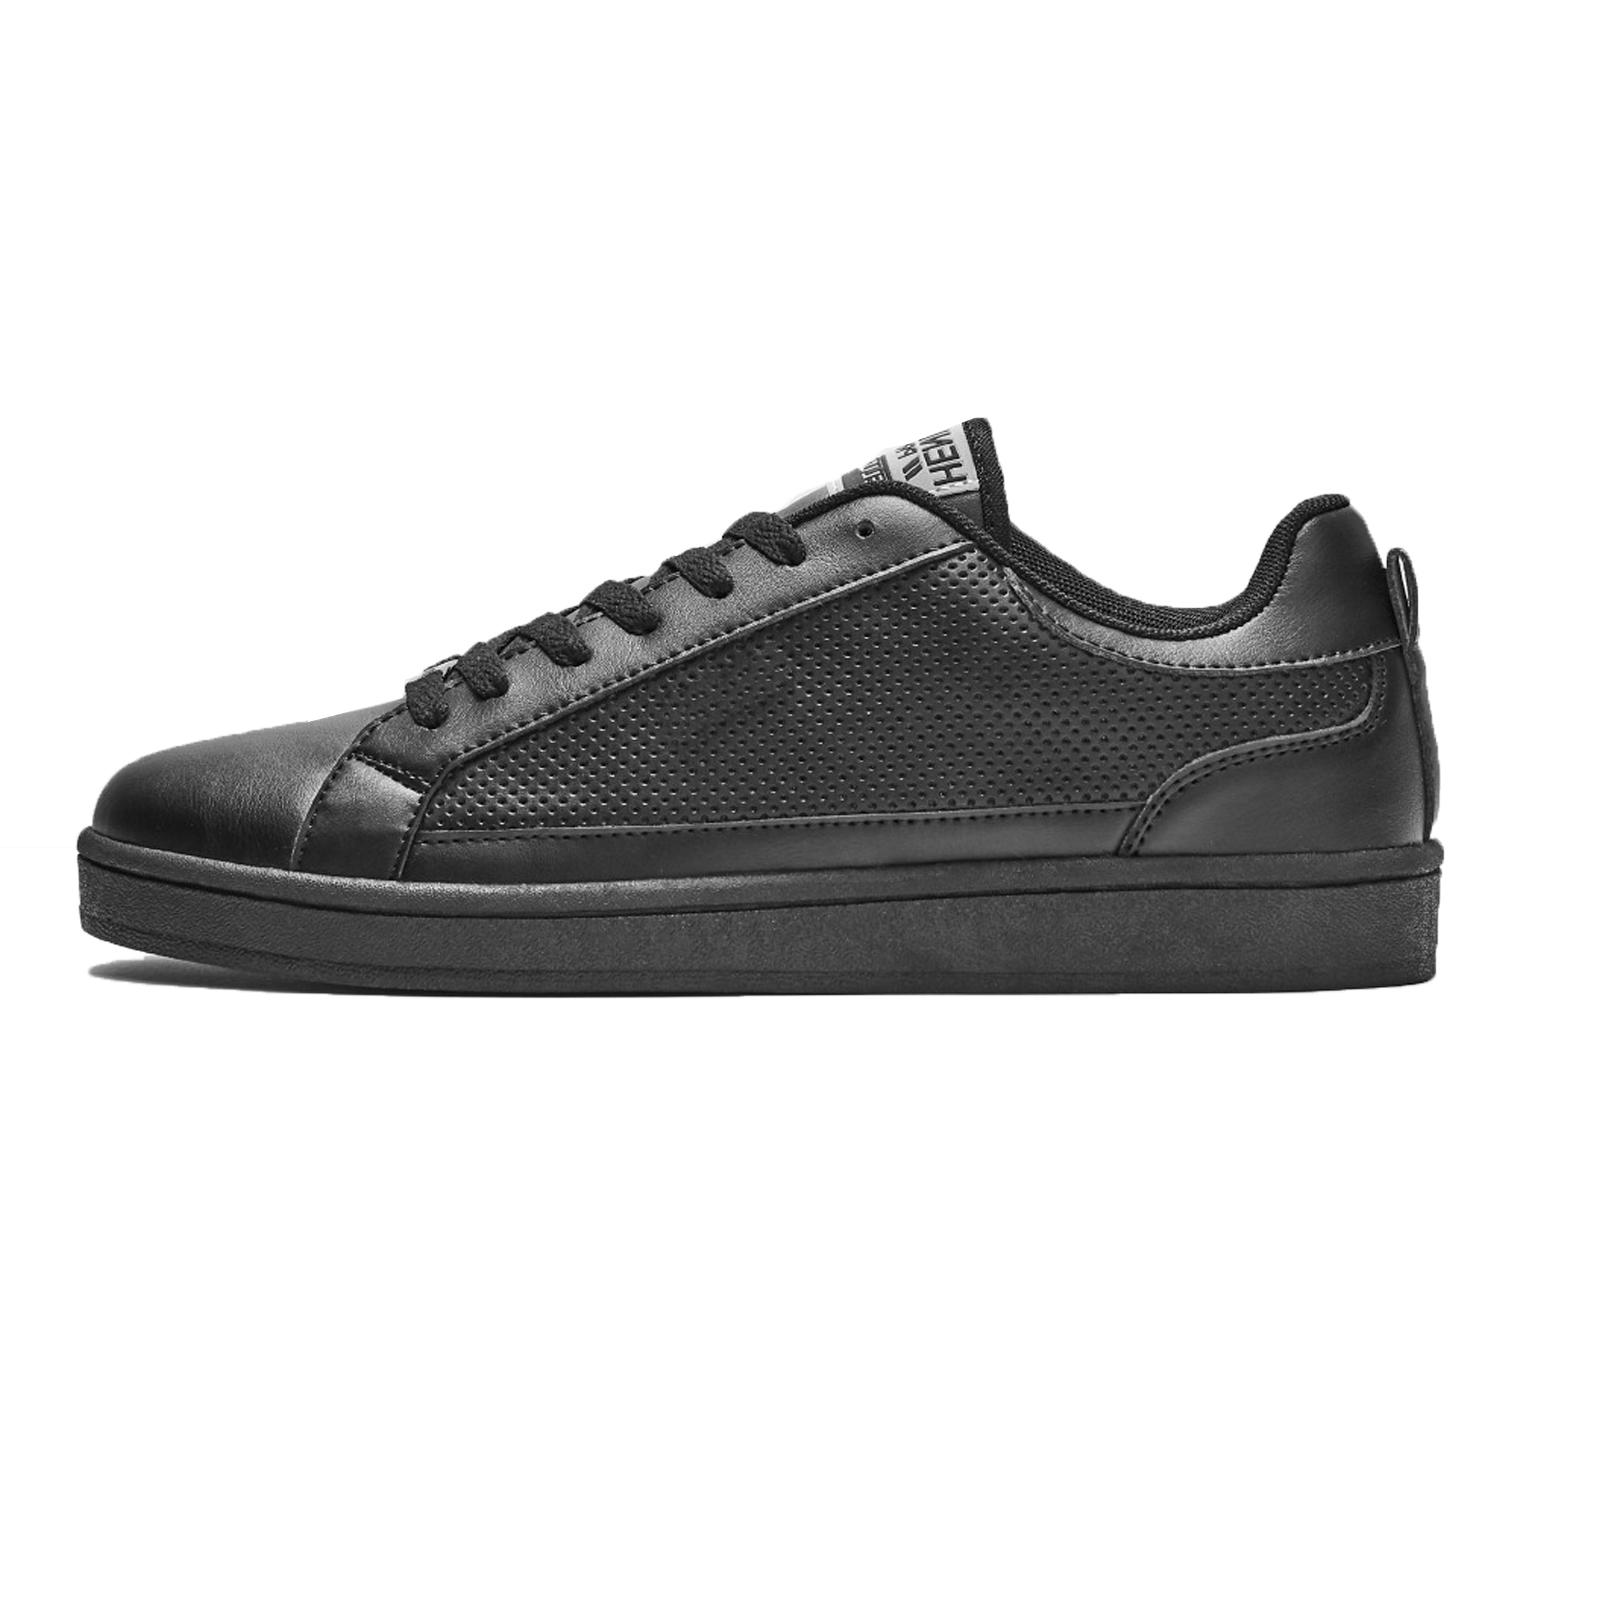 Henleys-Para-hombre-Drexel-Cupsole-Con-Cordones-Zapatillas-Bajo-Top-Zapatos-Zapatos-De-Salon-Casual miniatura 3